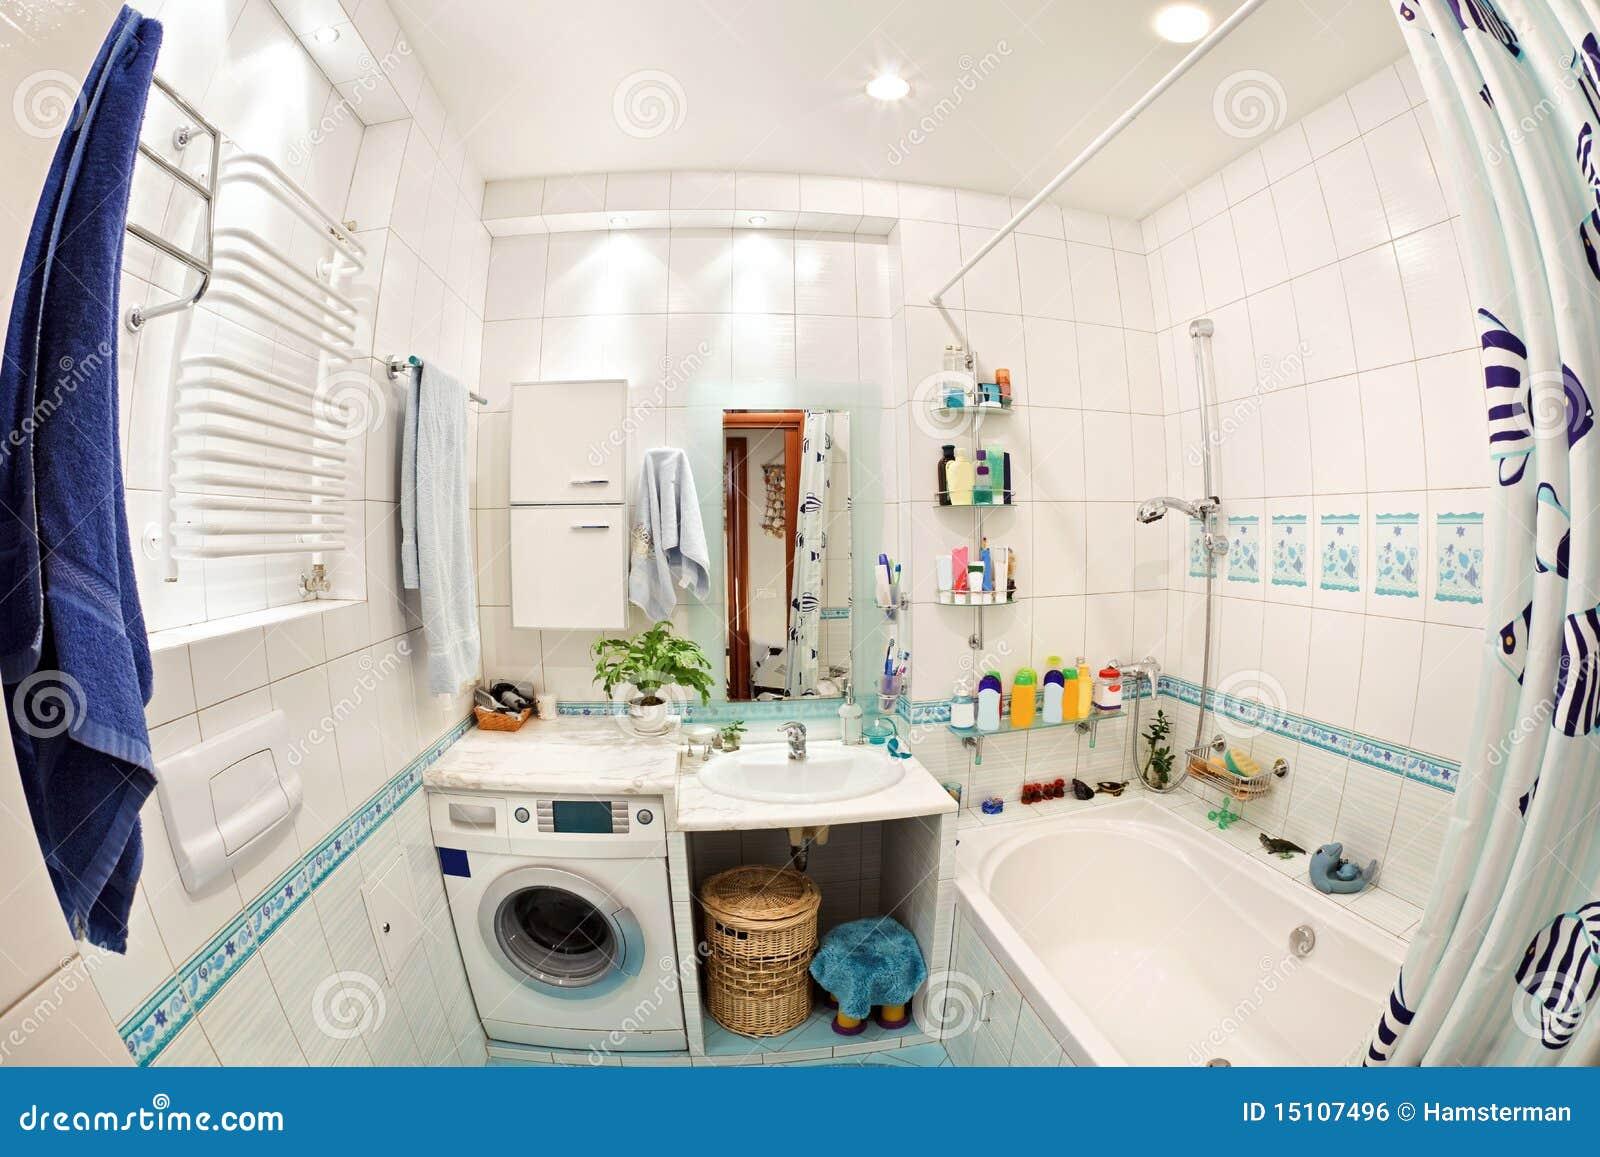 pequeo cuarto de bao moderno en colores azules imagen de archivo libre de regalas with cuartos de bao pequeos modernos with diseos de baos pequeos modernos